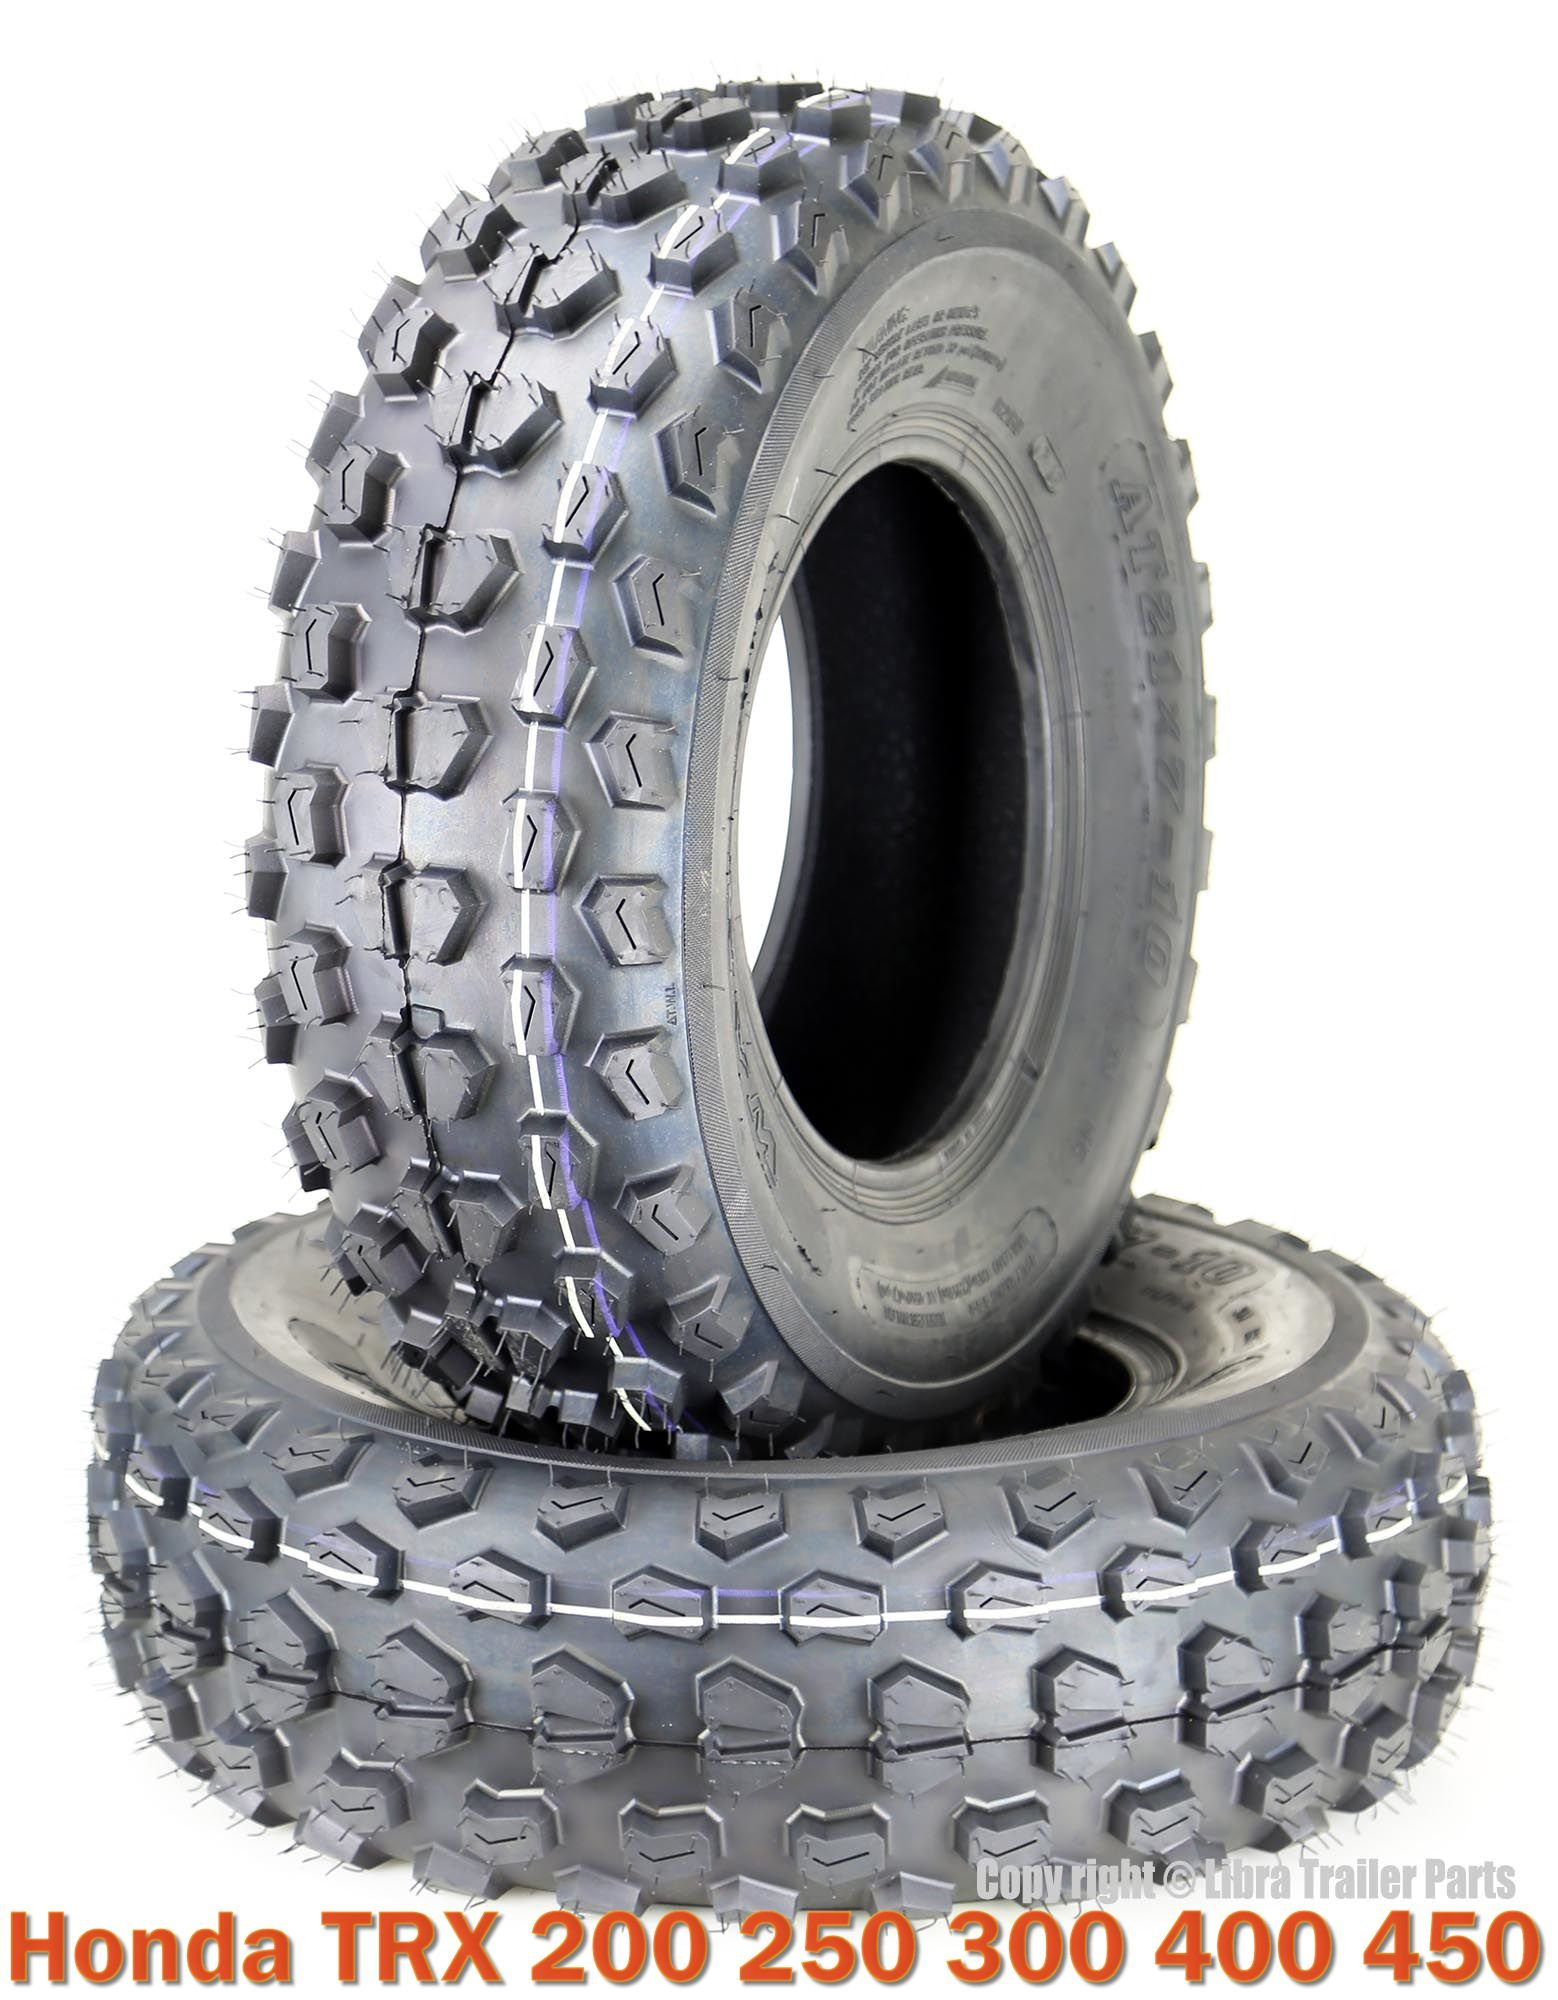 (2) 21x7-10 21x7x10 Honda TRX 200 250 300 400 450 ATV Front Tire Set 6PR